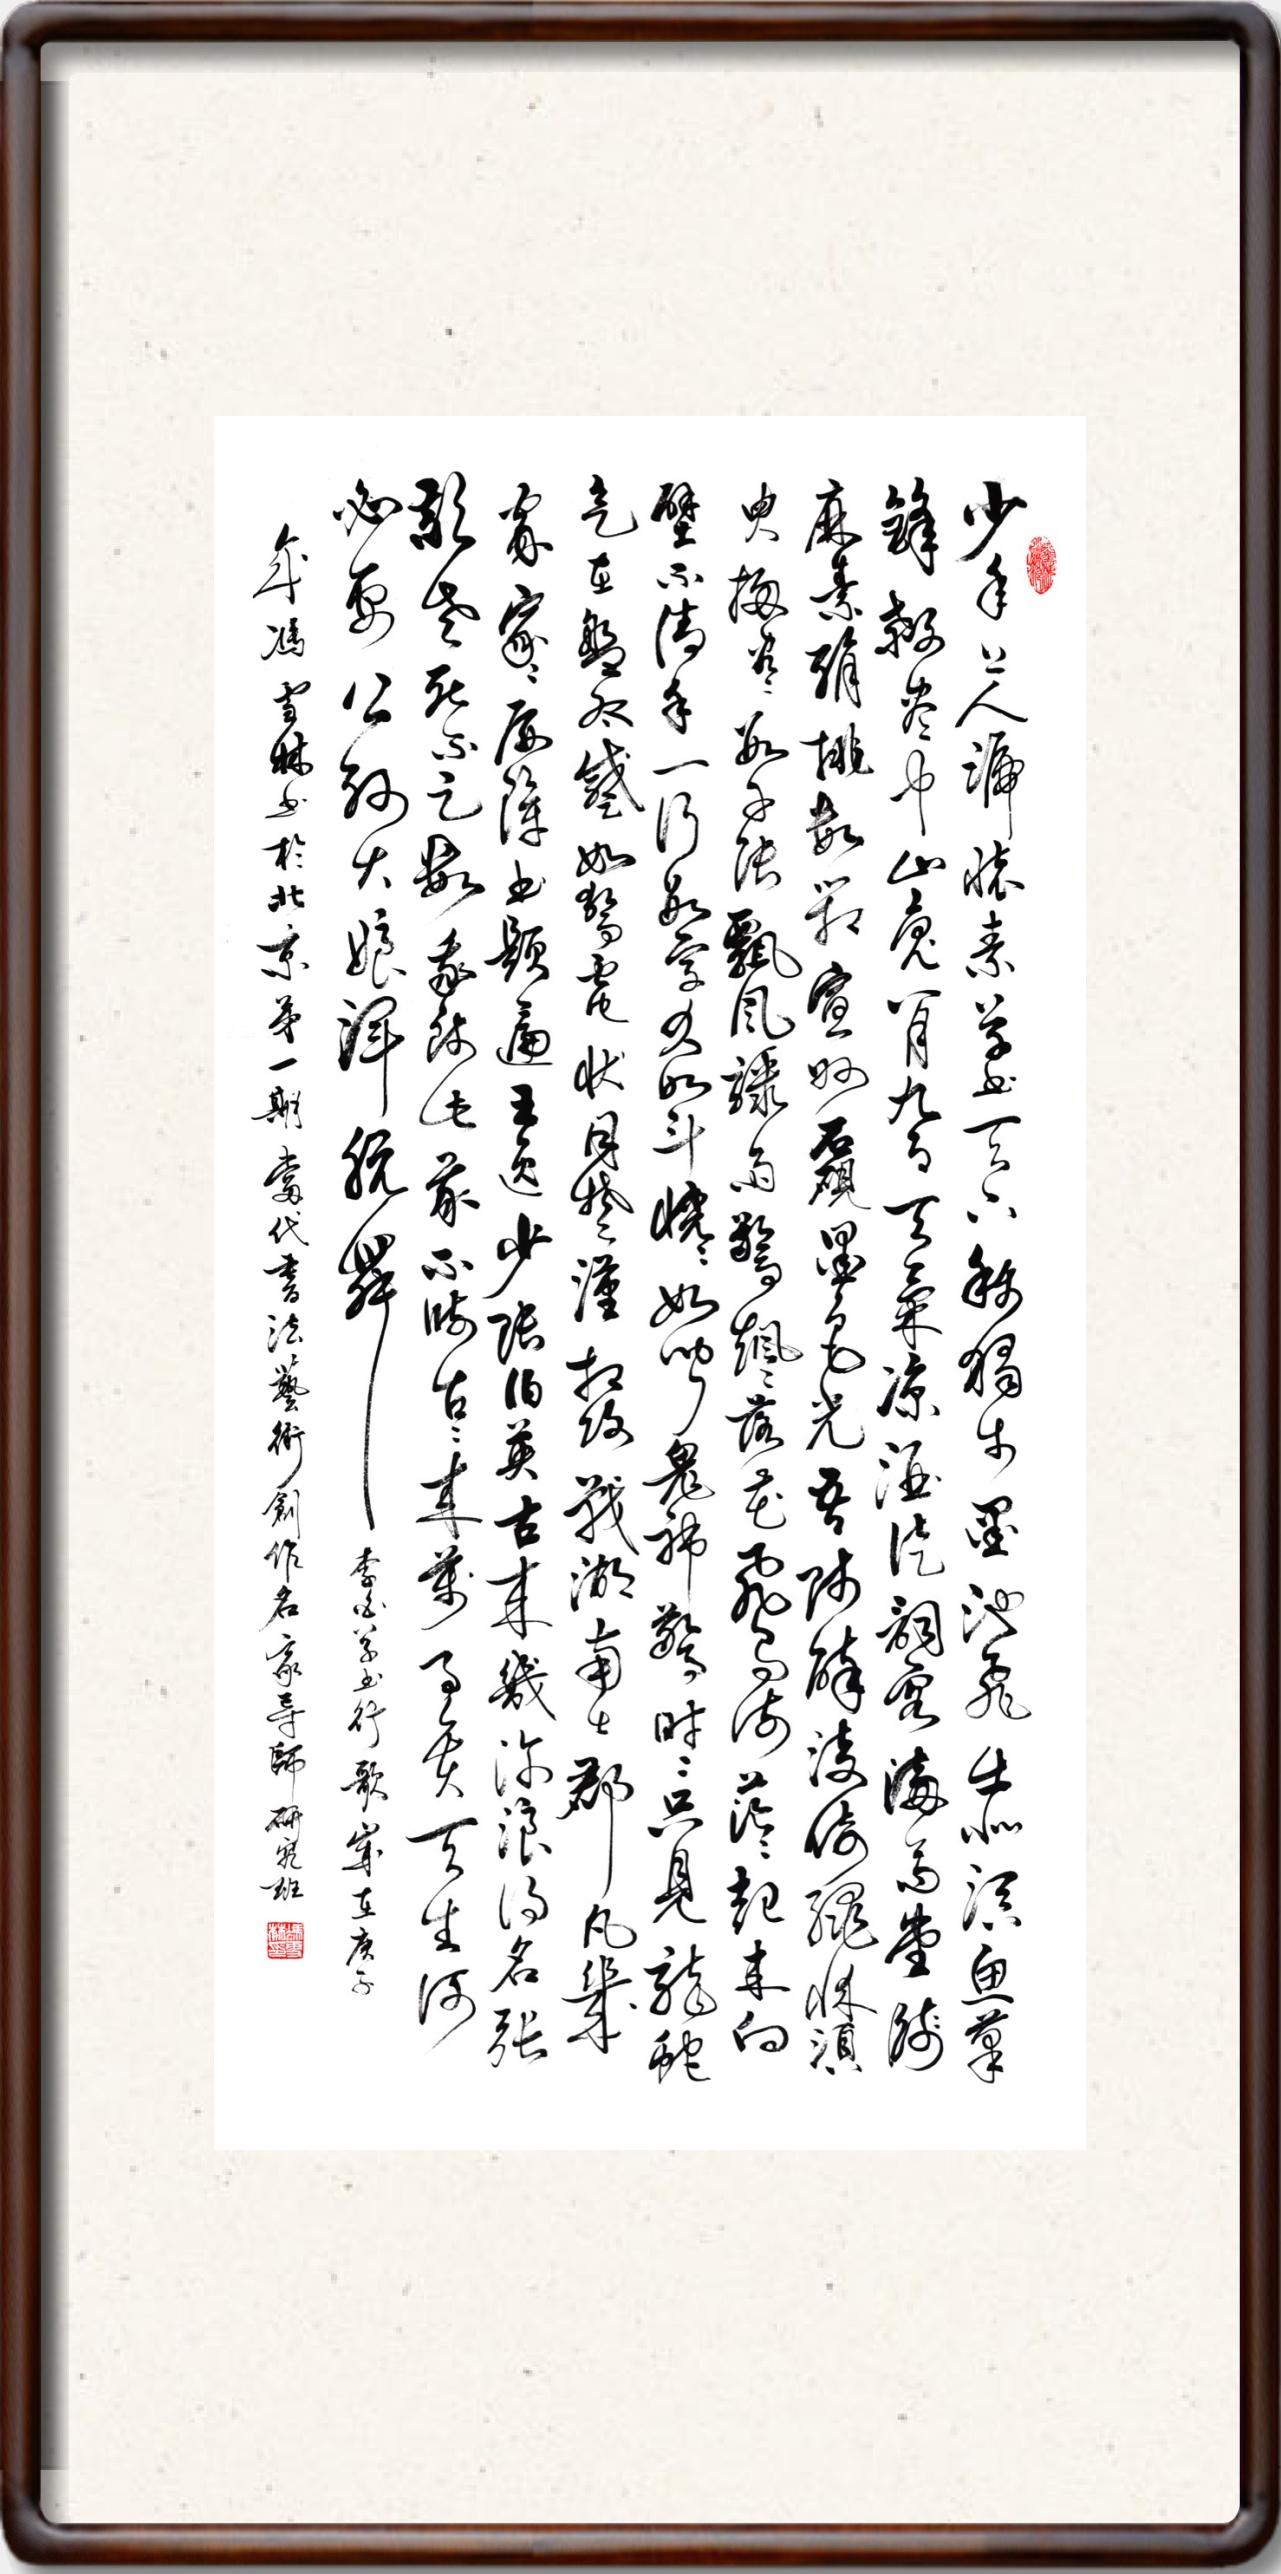 李白草书歌行书法作品欣赏